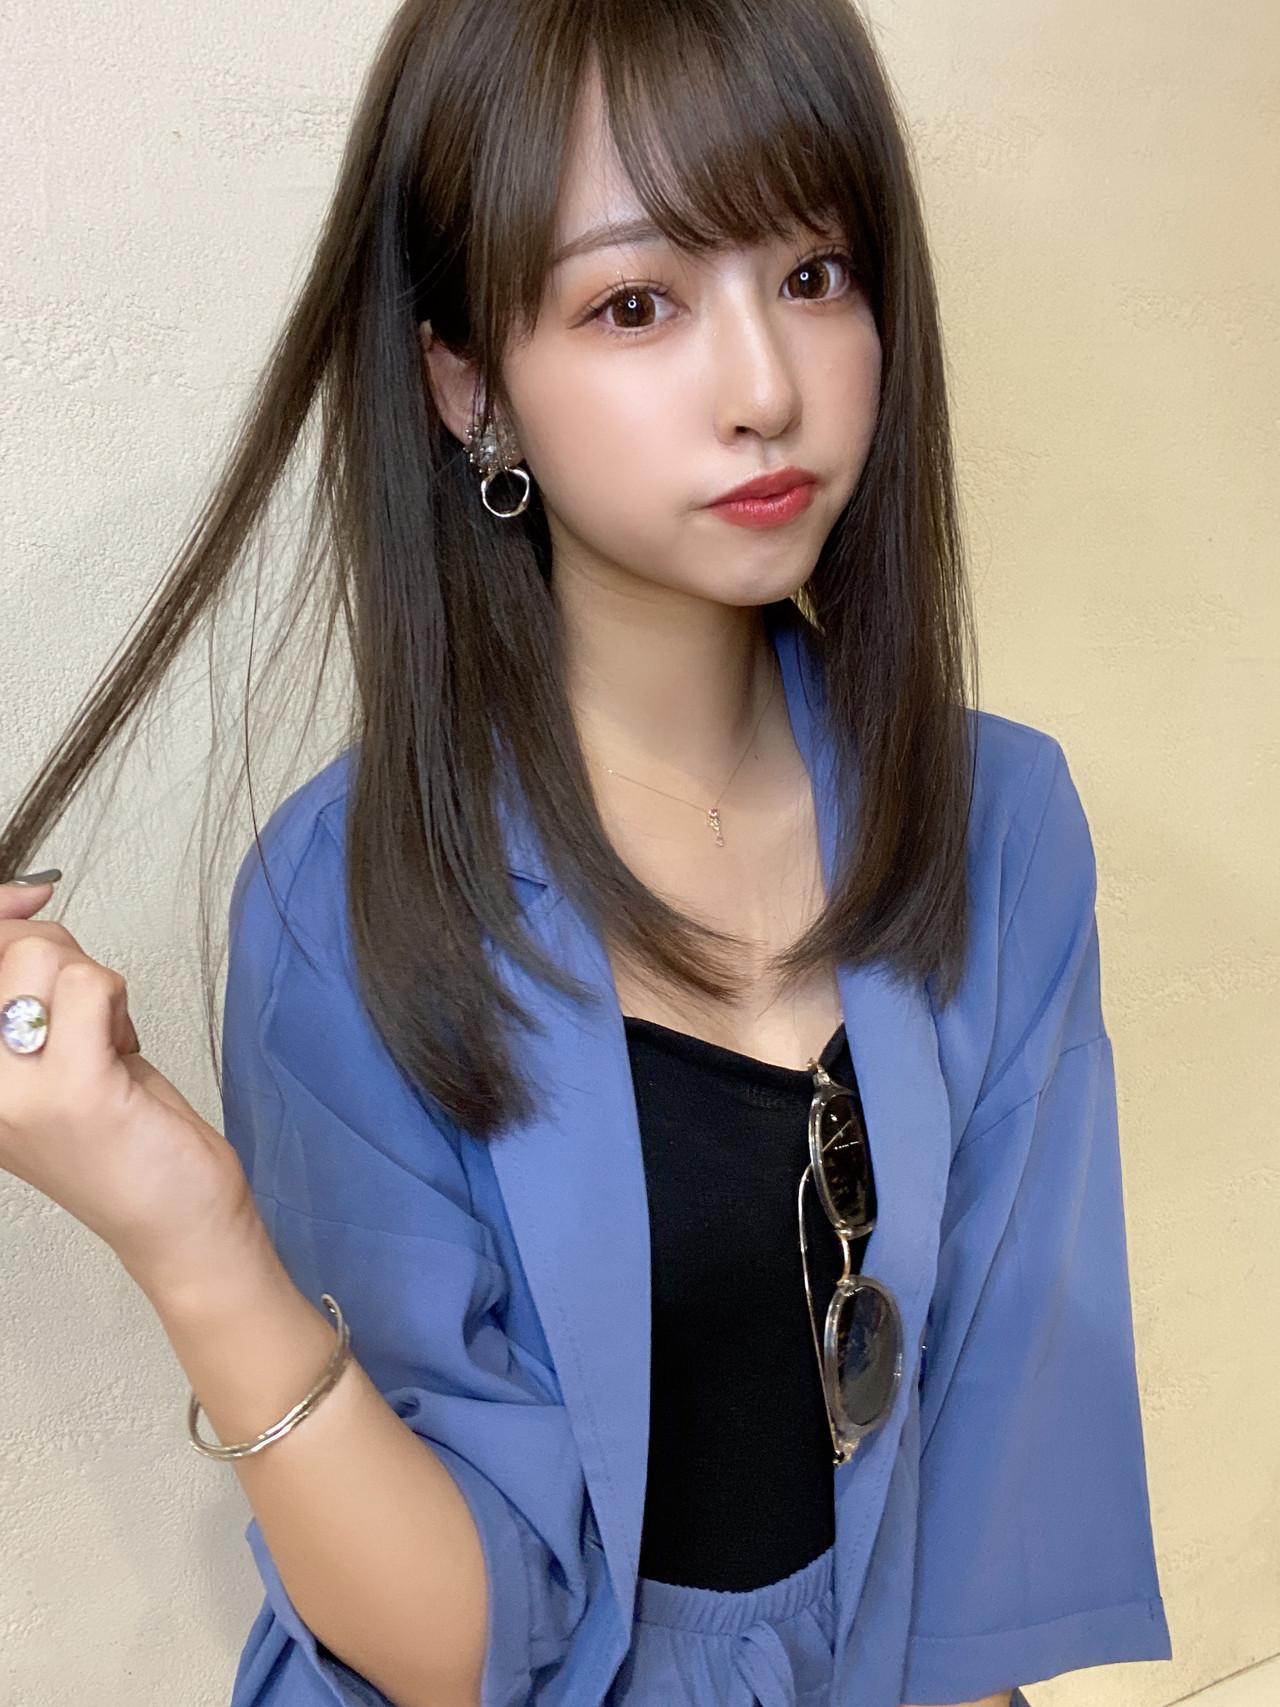 ミディアム 大人可愛い グレージュ ラベンダーグレージュ ヘアスタイルや髪型の写真・画像